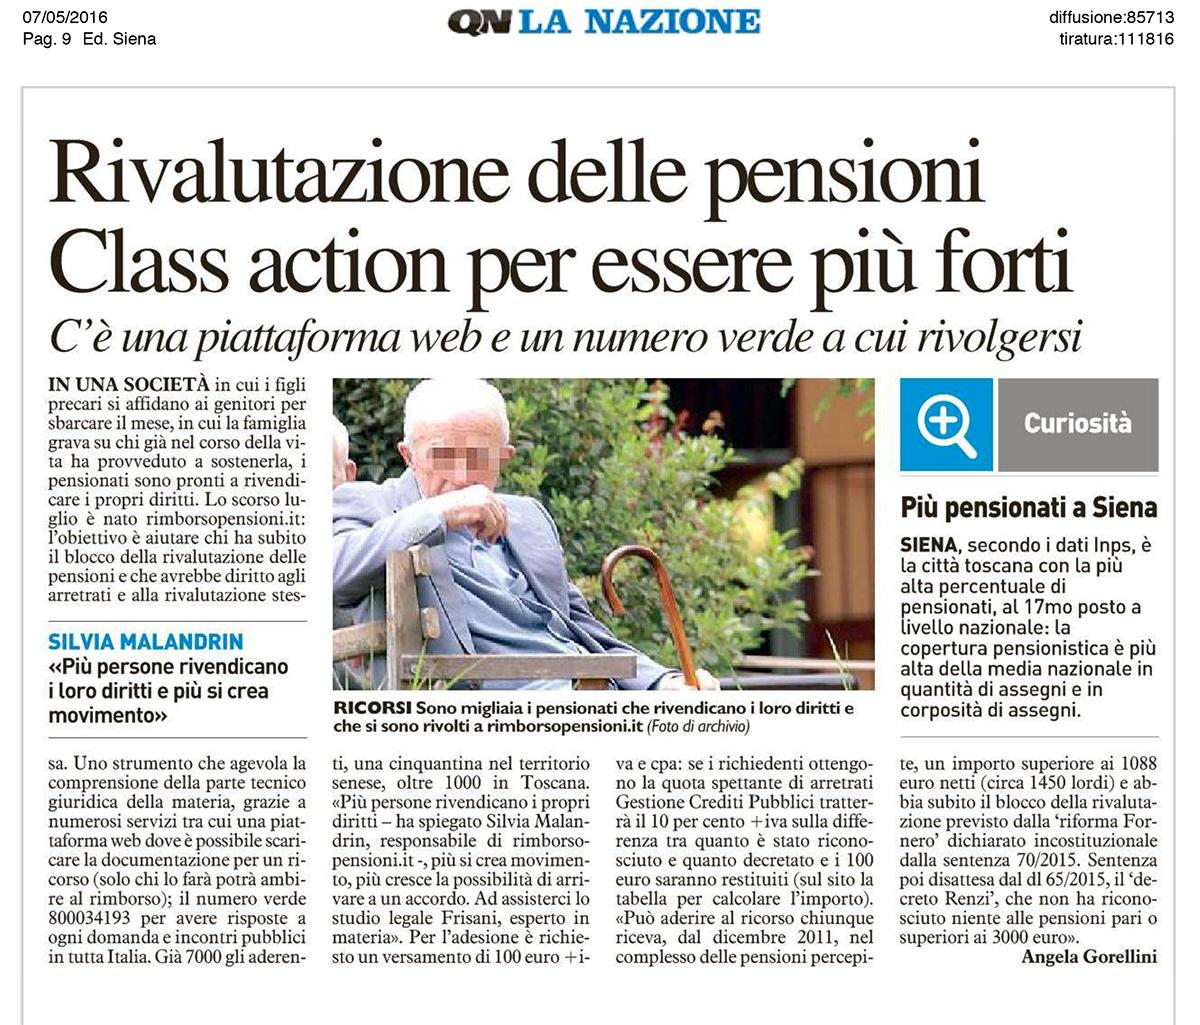 Rivalutazione delle Pensioni Class Action per essere più forti